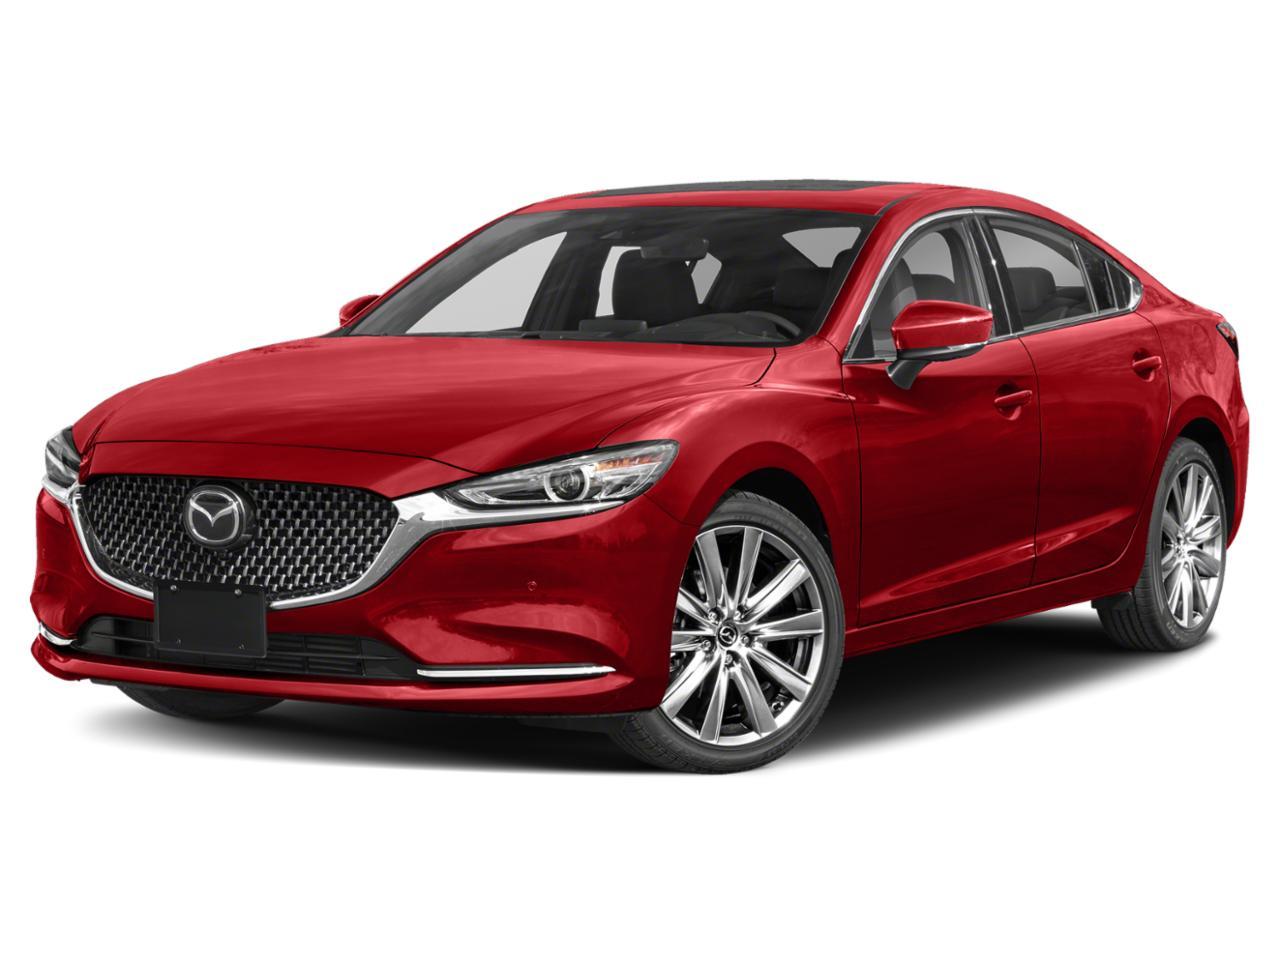 2021 Mazda Mazda6 Vehicle Photo in Appleton, WI 54913